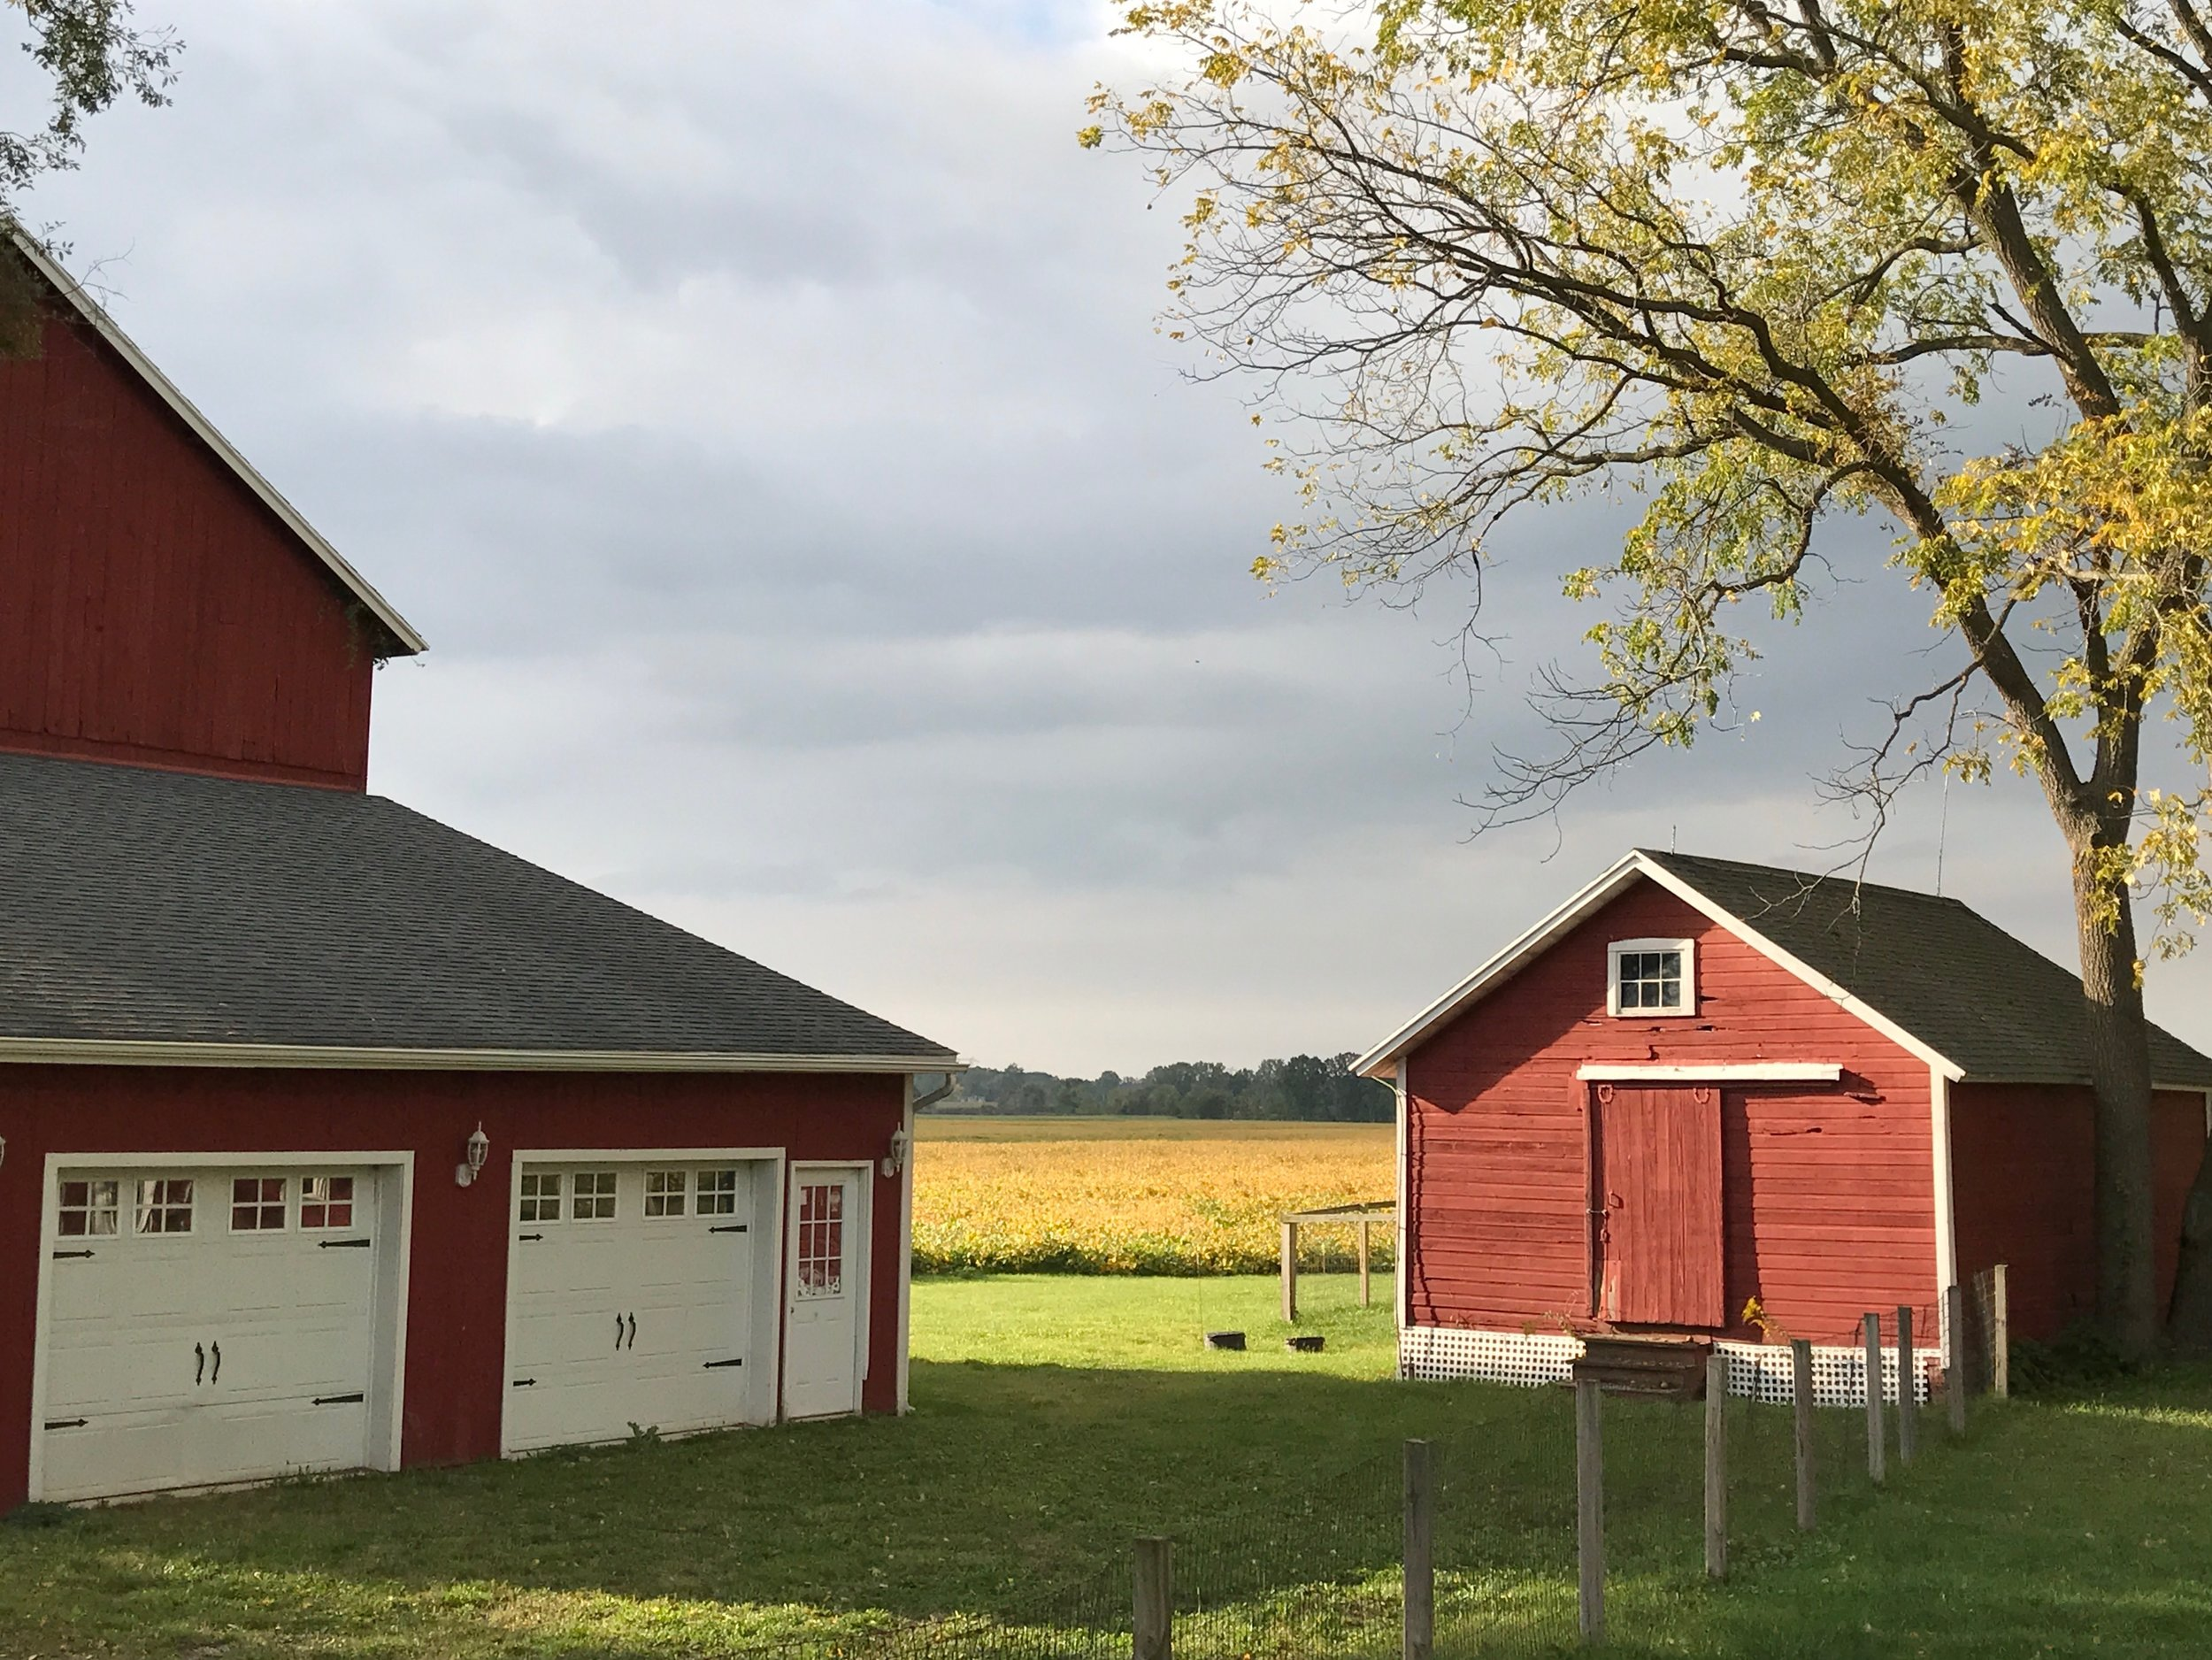 Autumn sunset at the farm